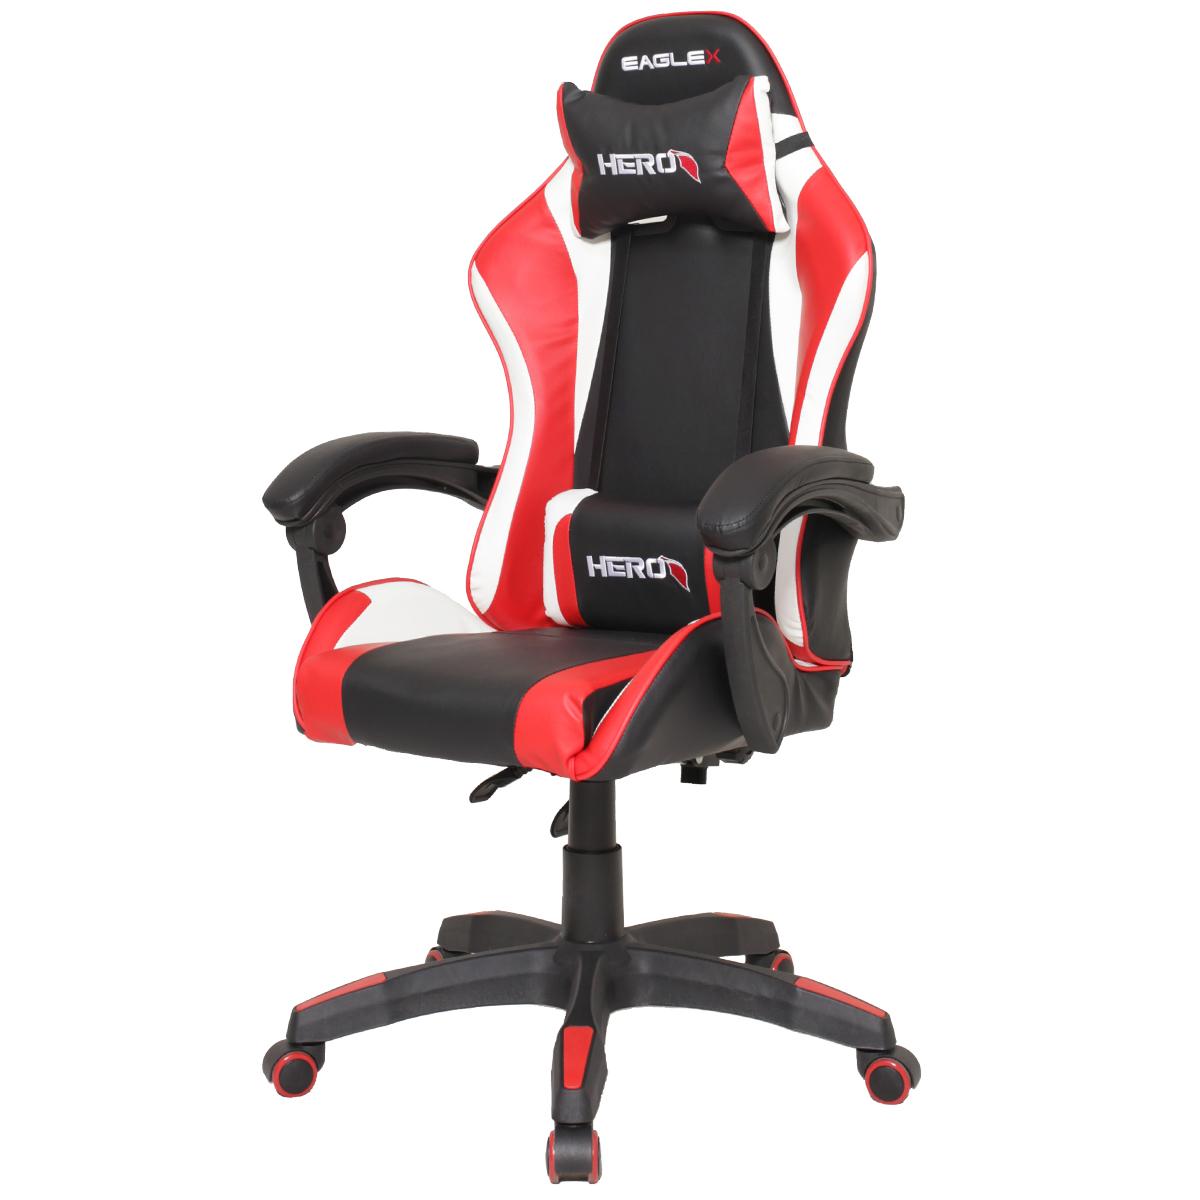 Cadeira Gamer EagleX Hero Vermelha Com Regulagem De Encosto